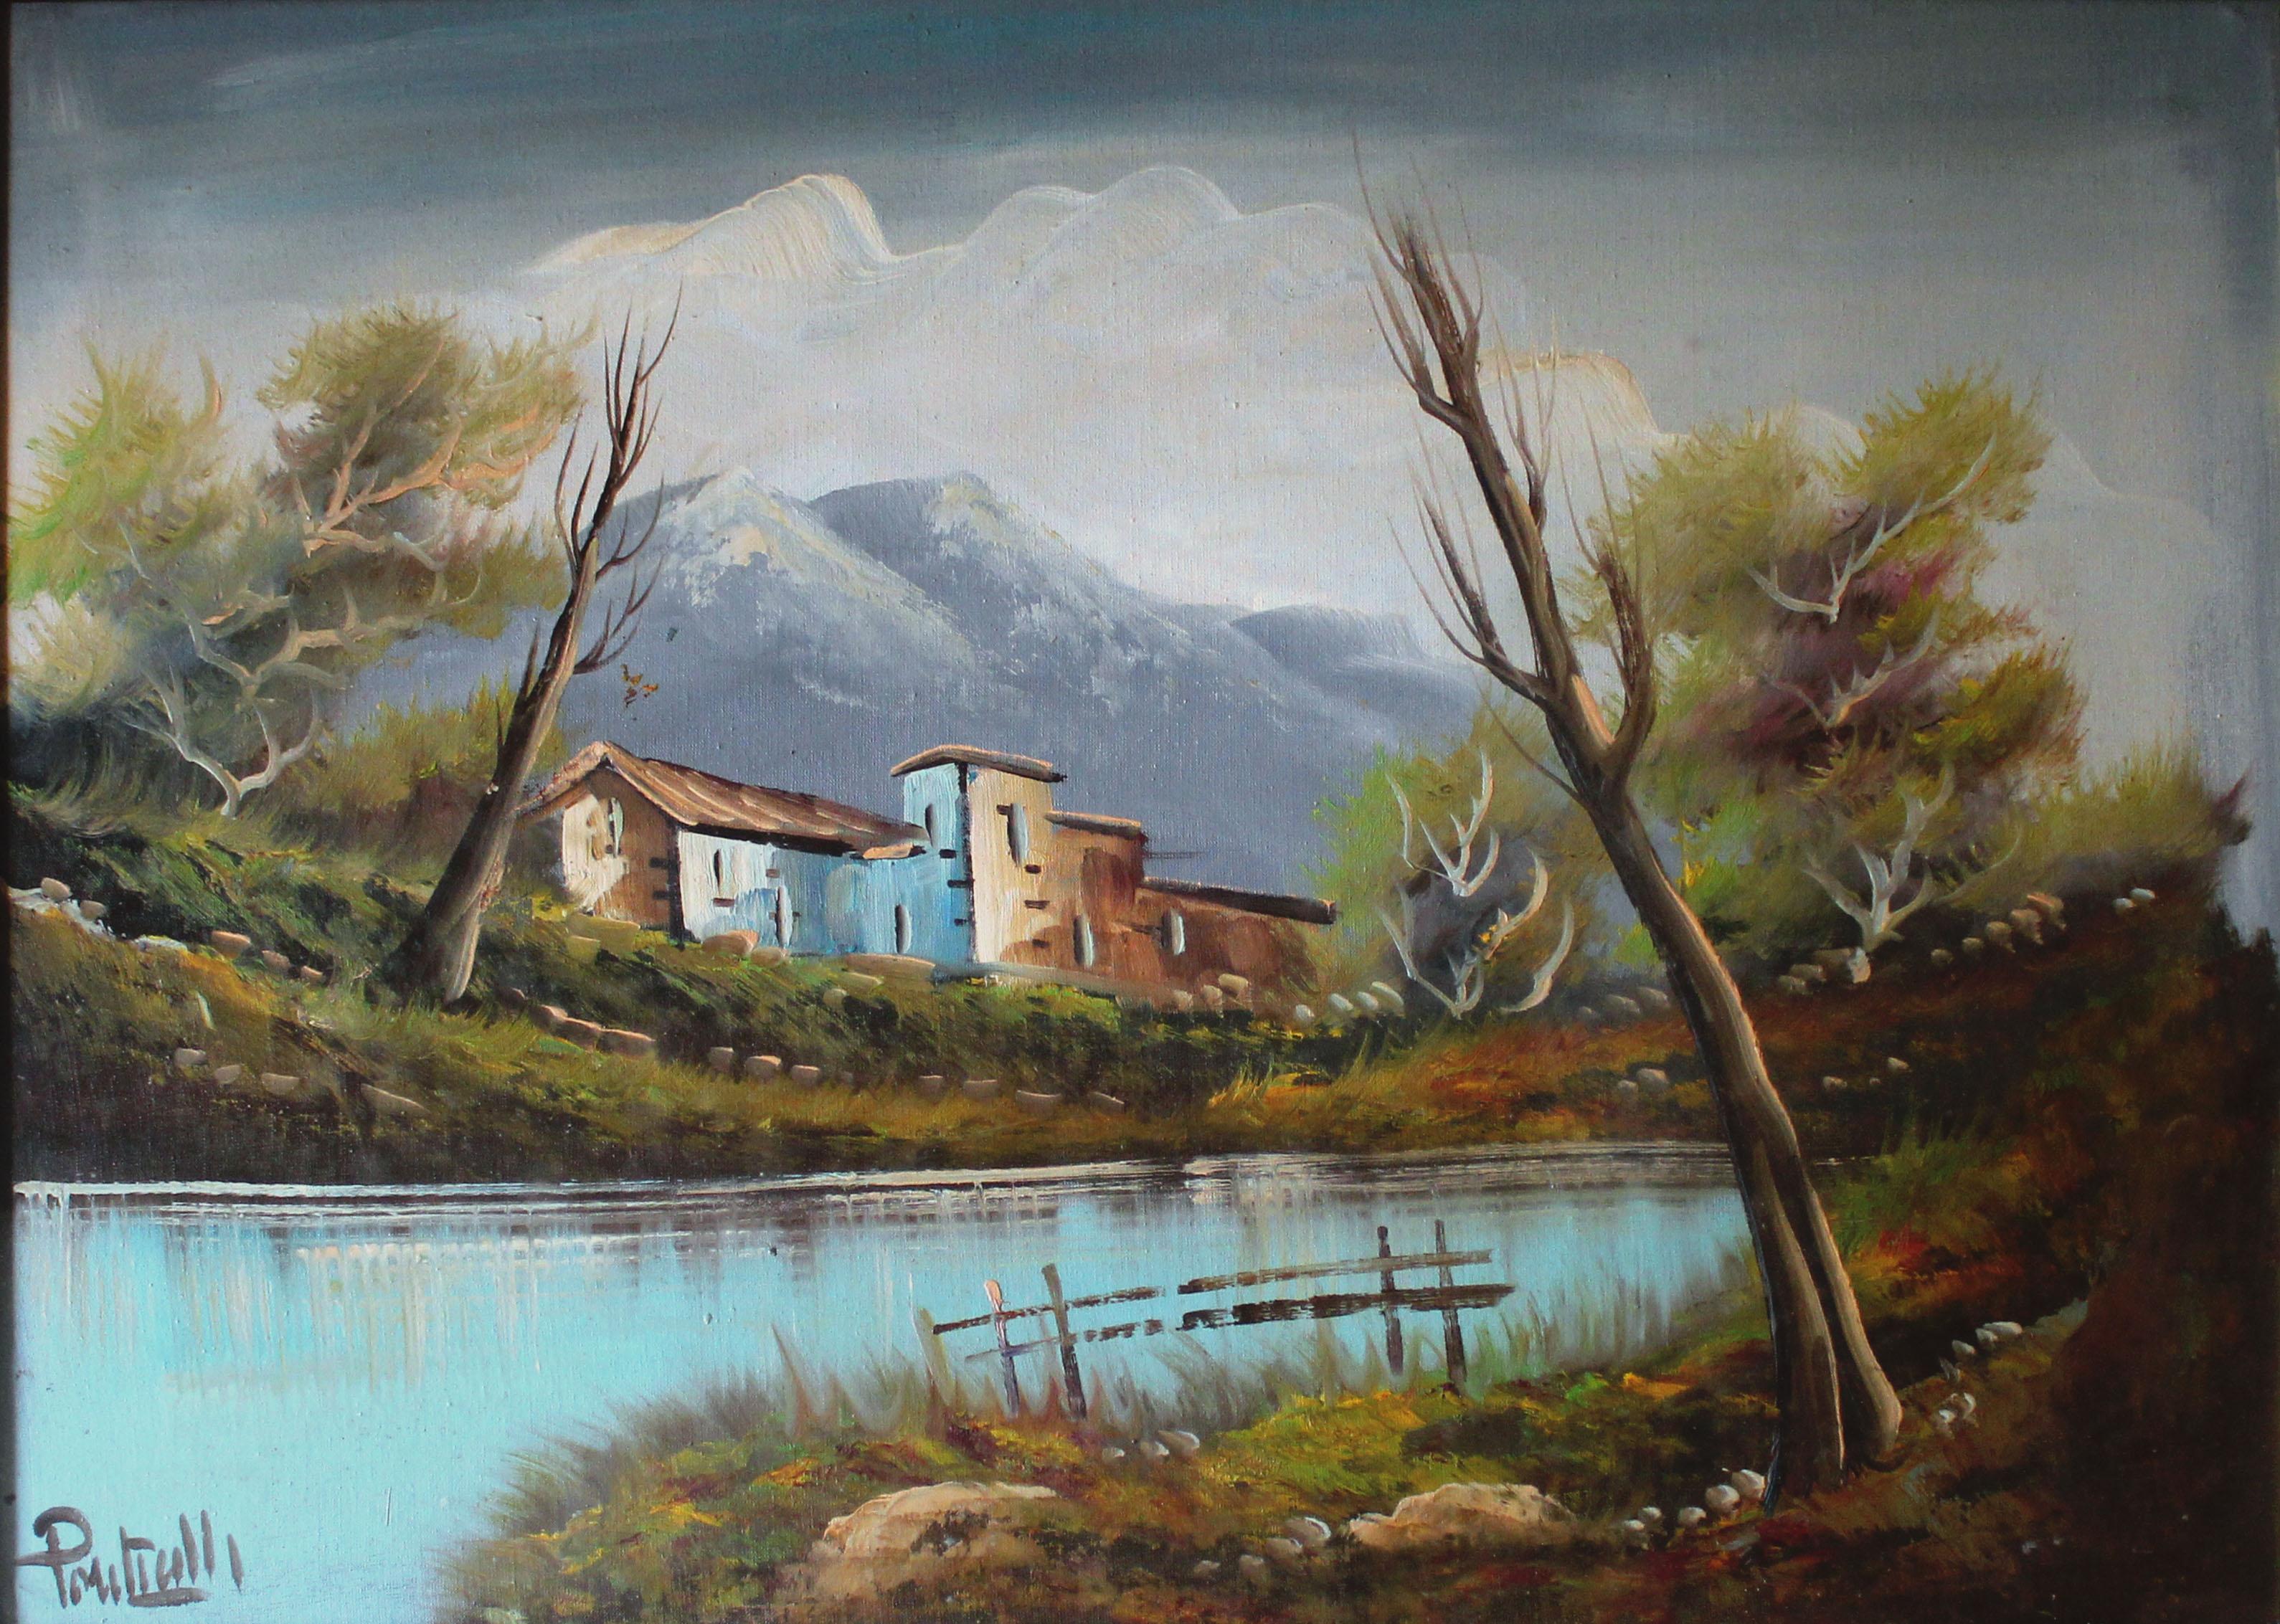 Antonio Ponticelli – Paesaggio